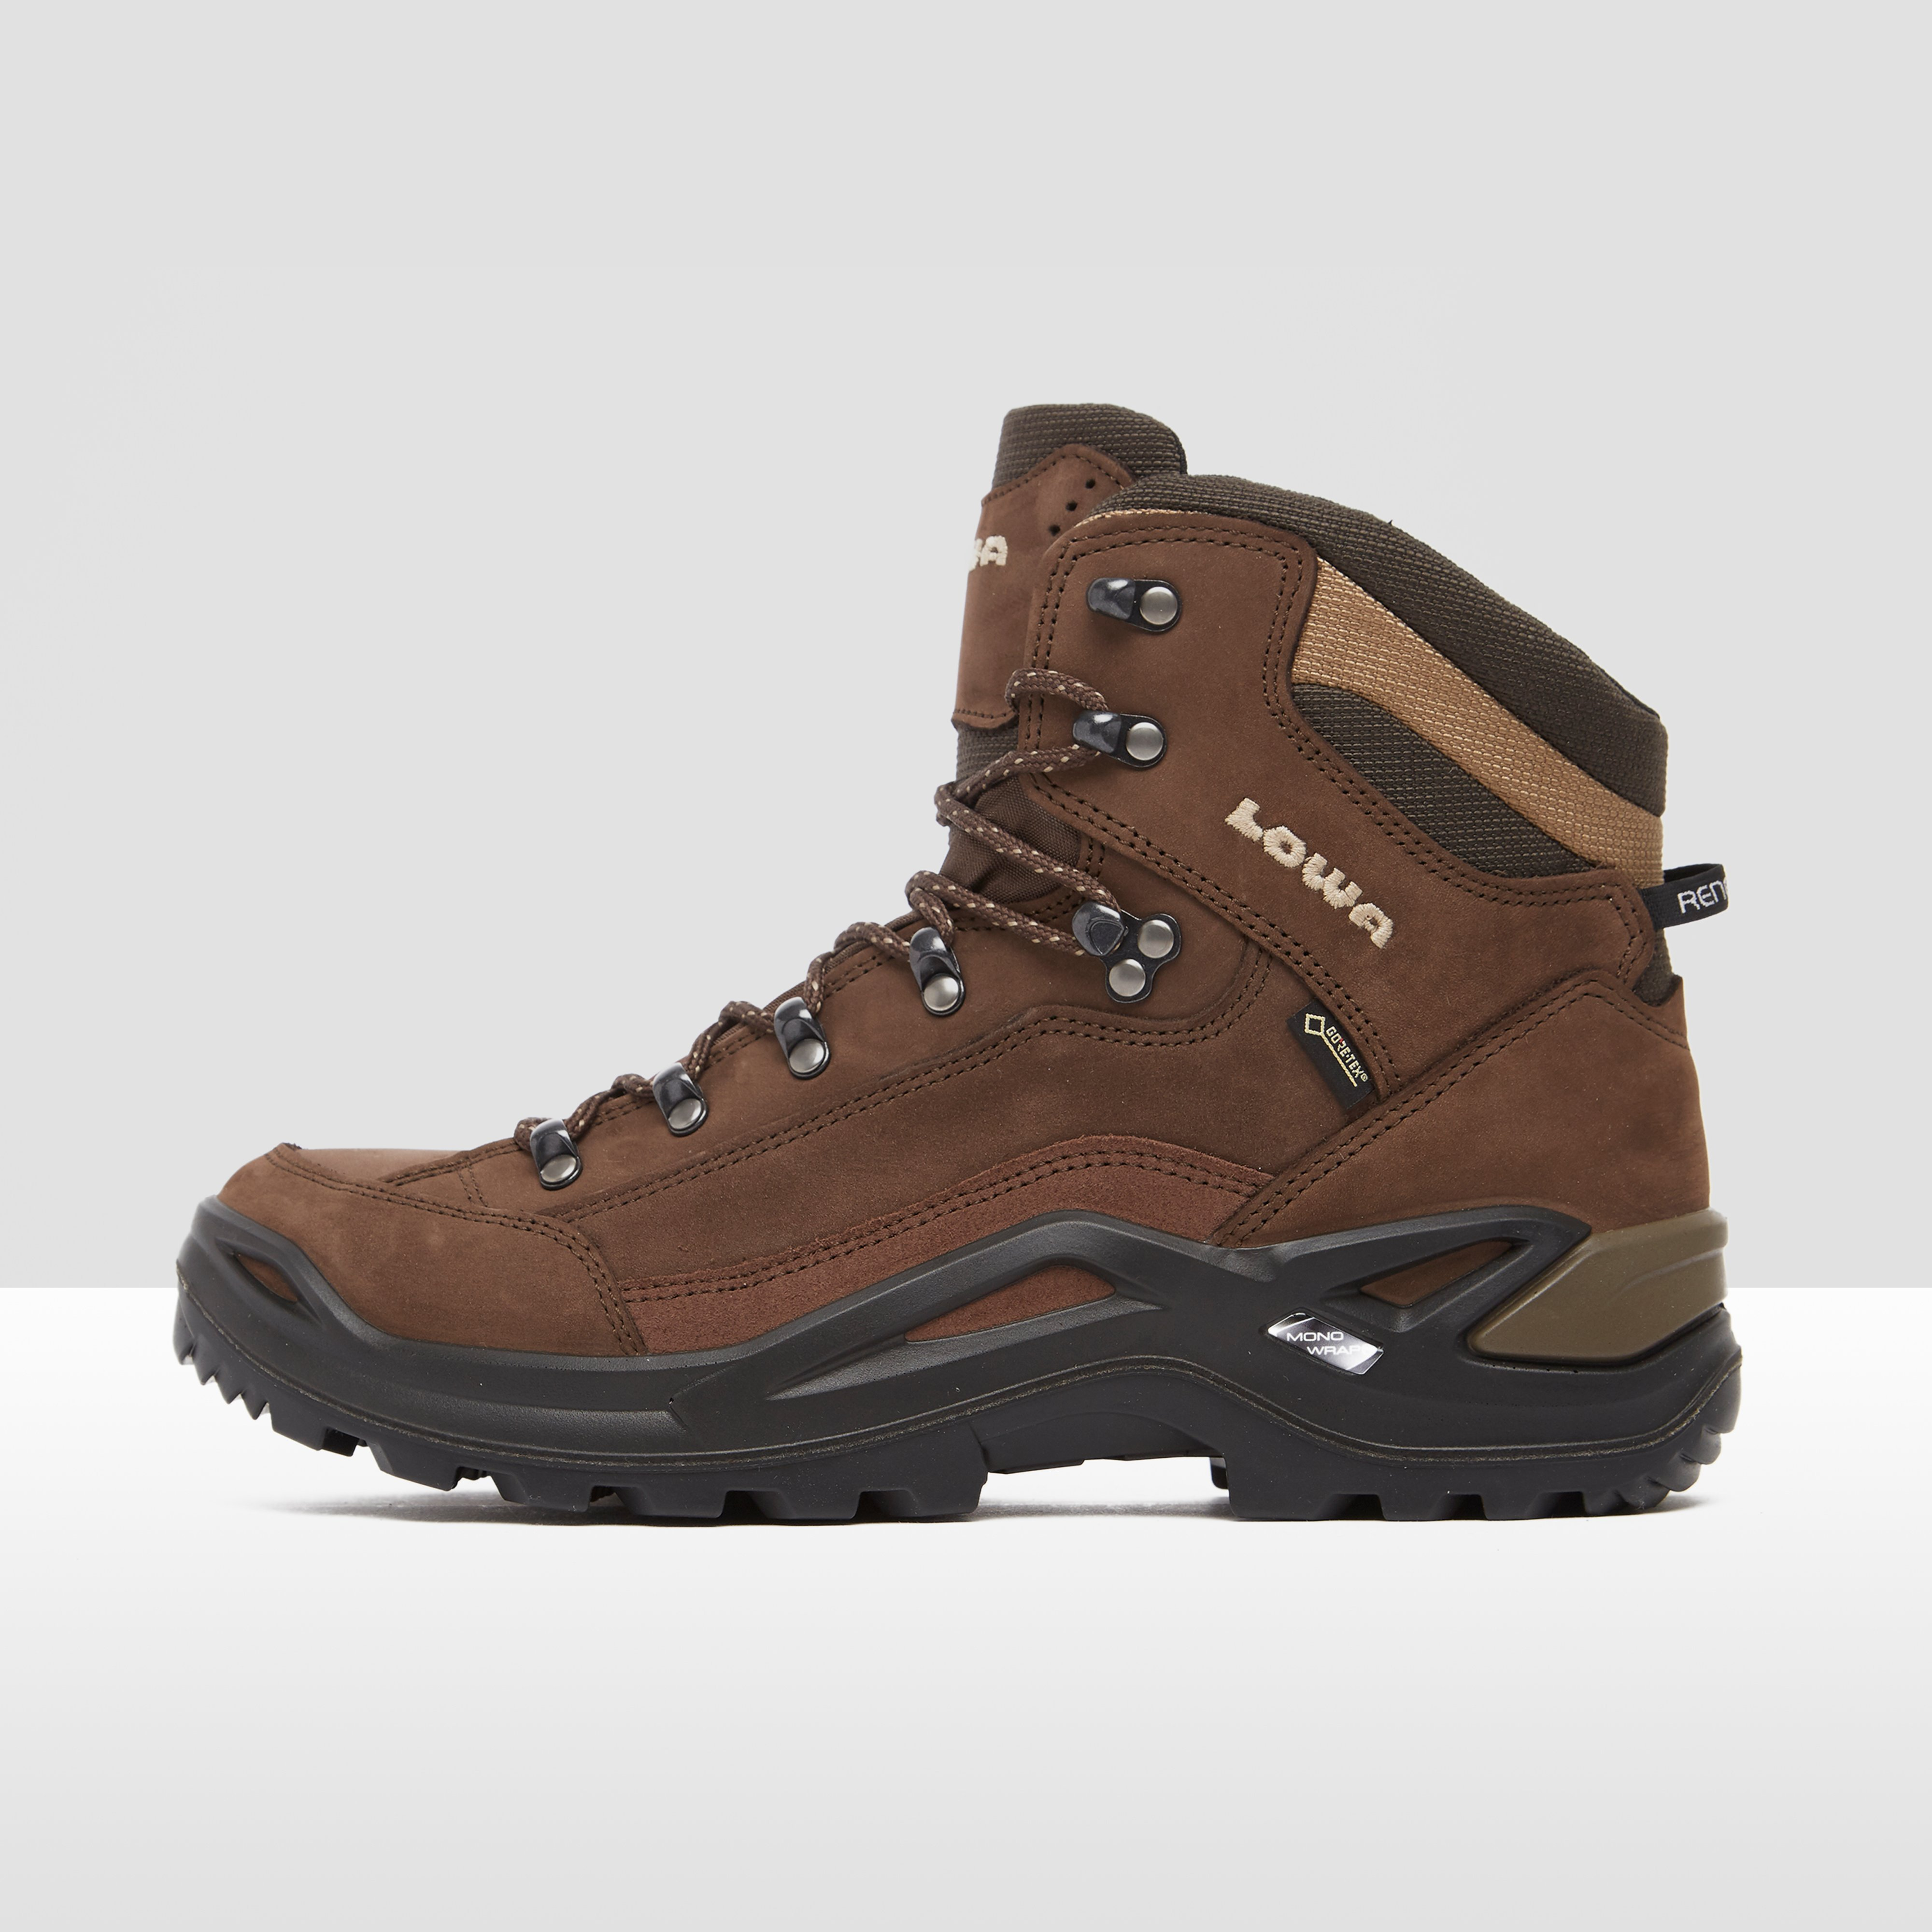 Iowa Brun Chaussures De Sport Pour Hommes Occasionnels YObXHrr